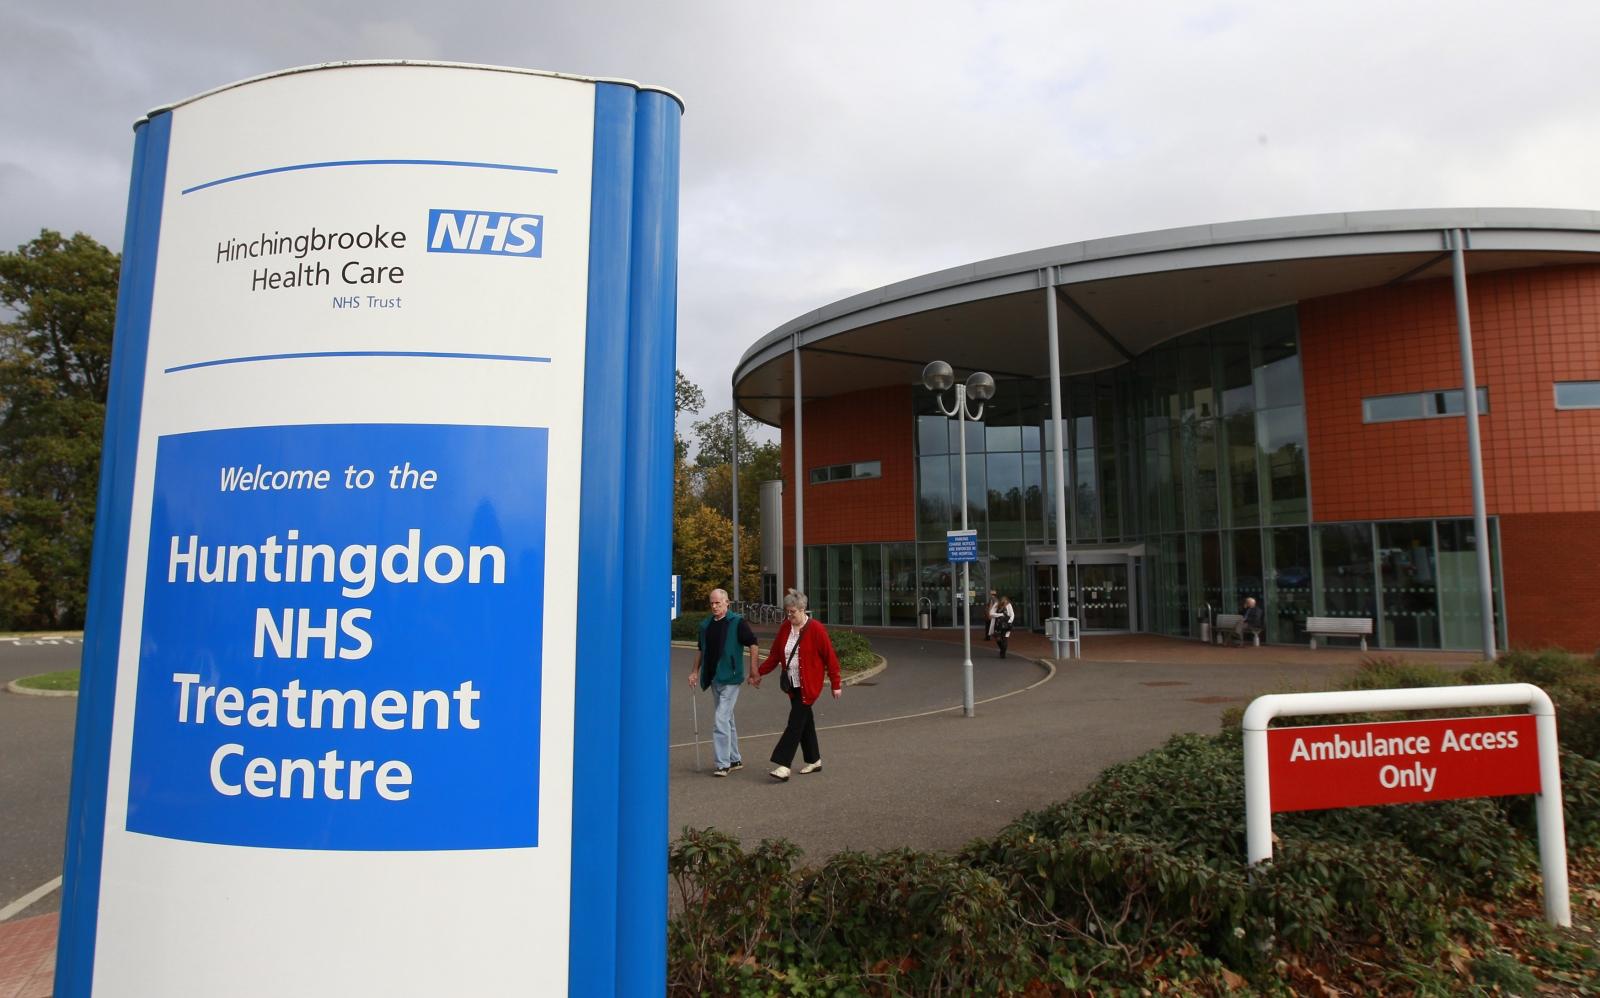 NHS treatment centre